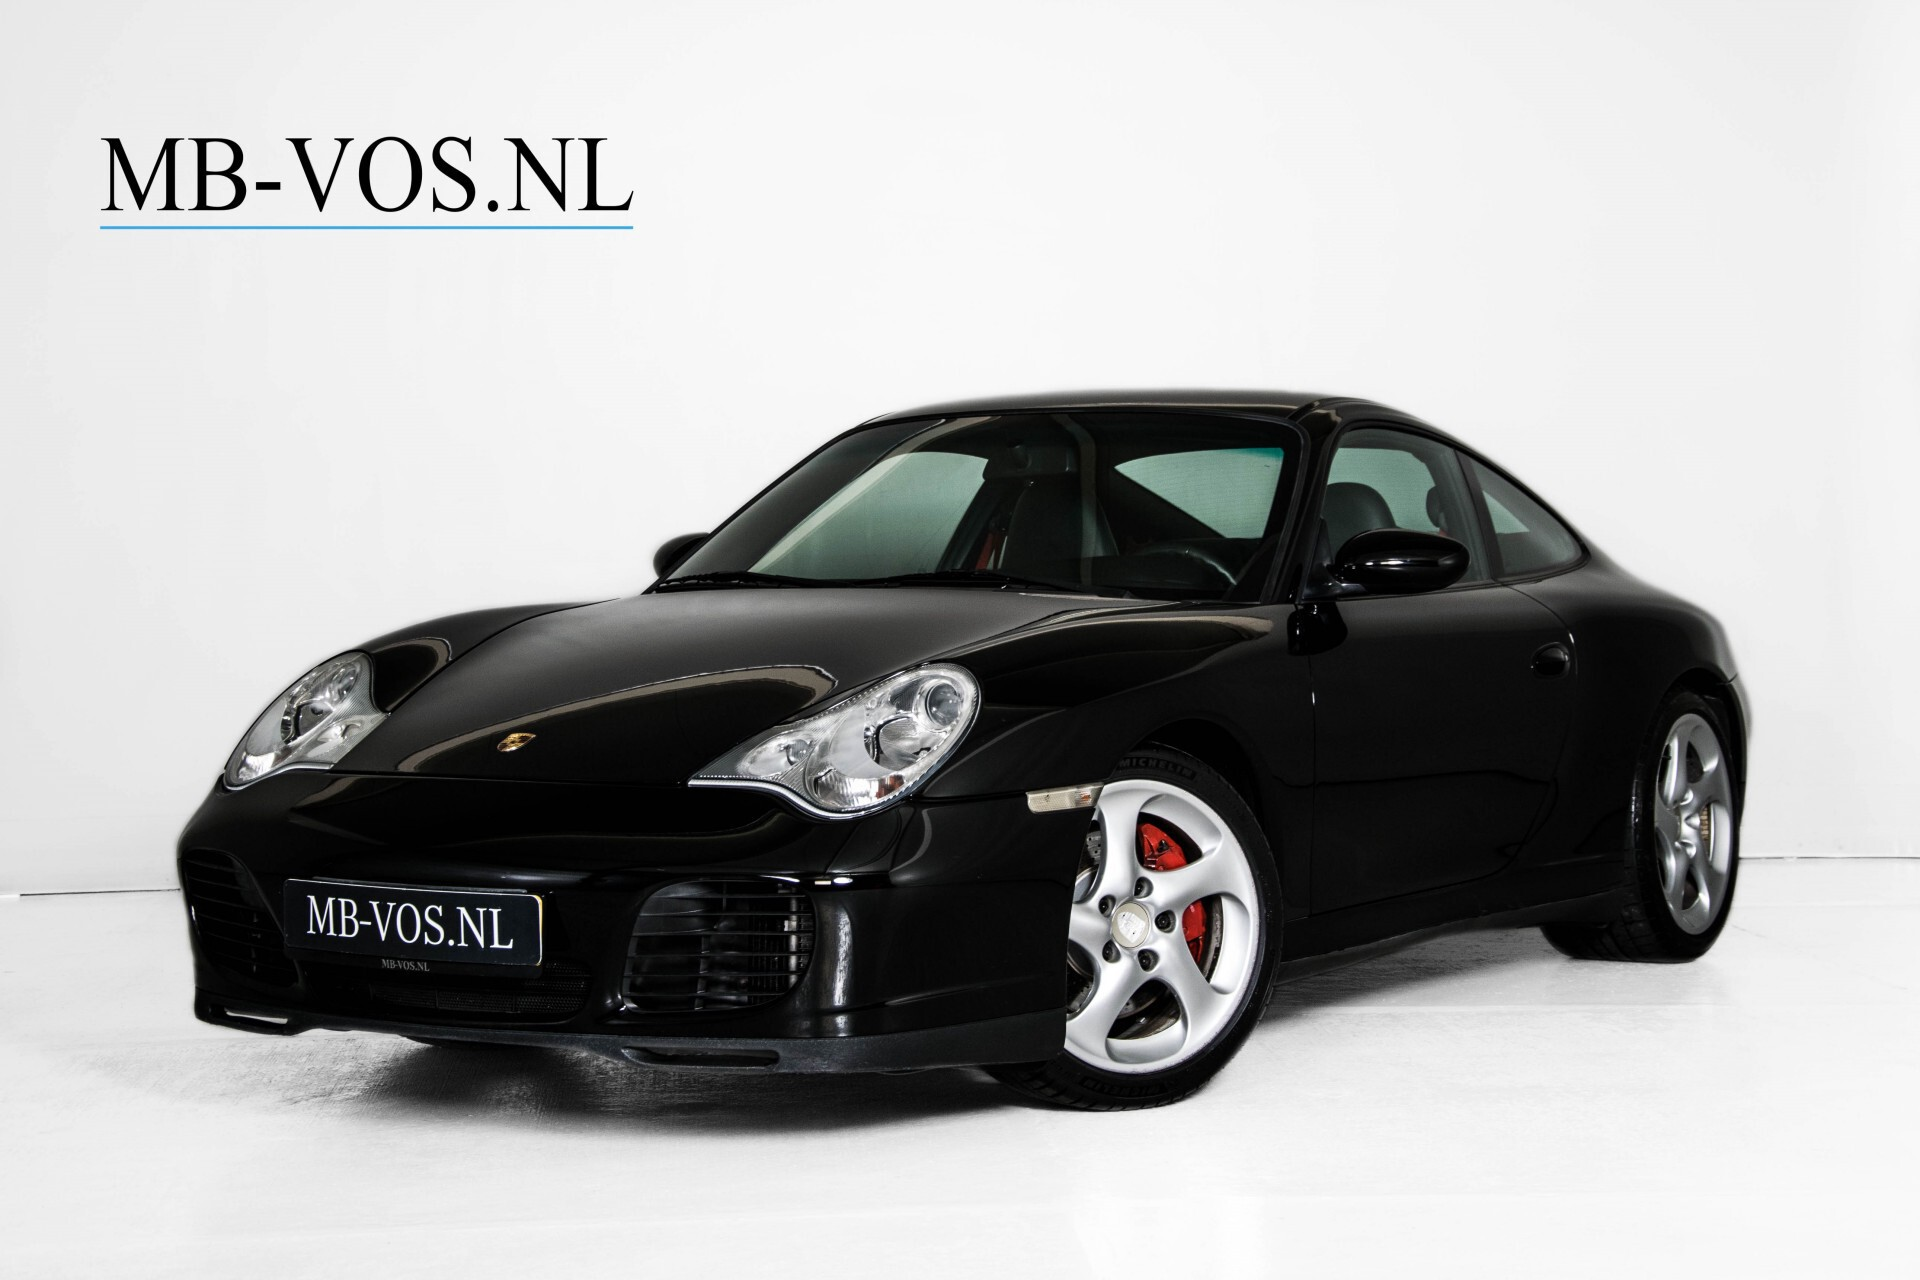 Porsche 911 3.6 Coupé Carrera 4S Origineel NL/NAP Aut6 Foto 1